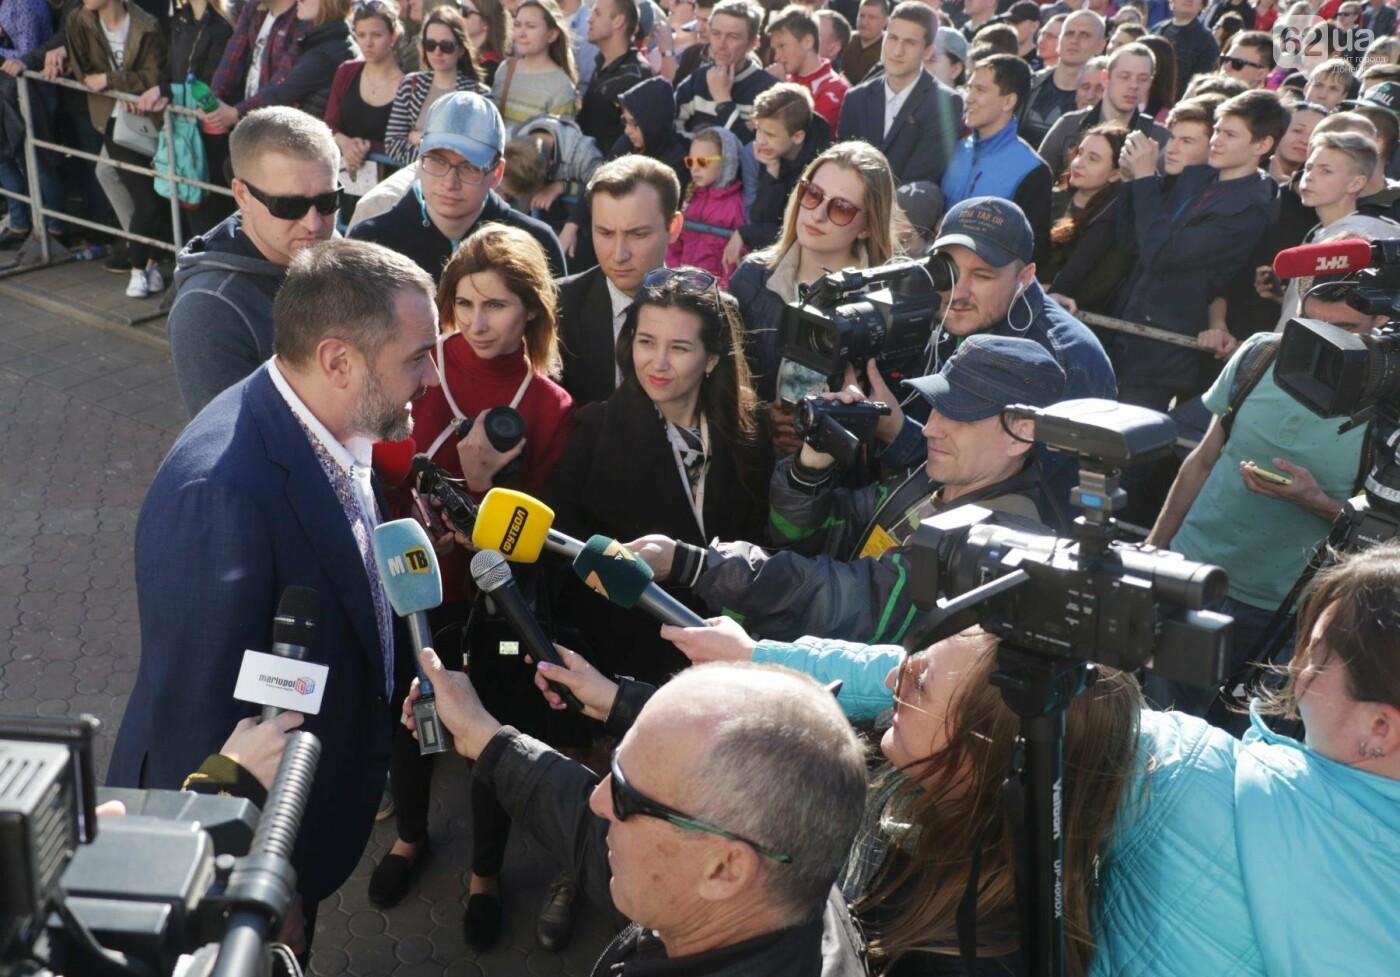 Сотни мариупольцев штурмовали сцену перед драмтеатром ради кубка Лиги чемпионов (ФОТОРЕПОРТАЖ+ВИДЕО), фото-4